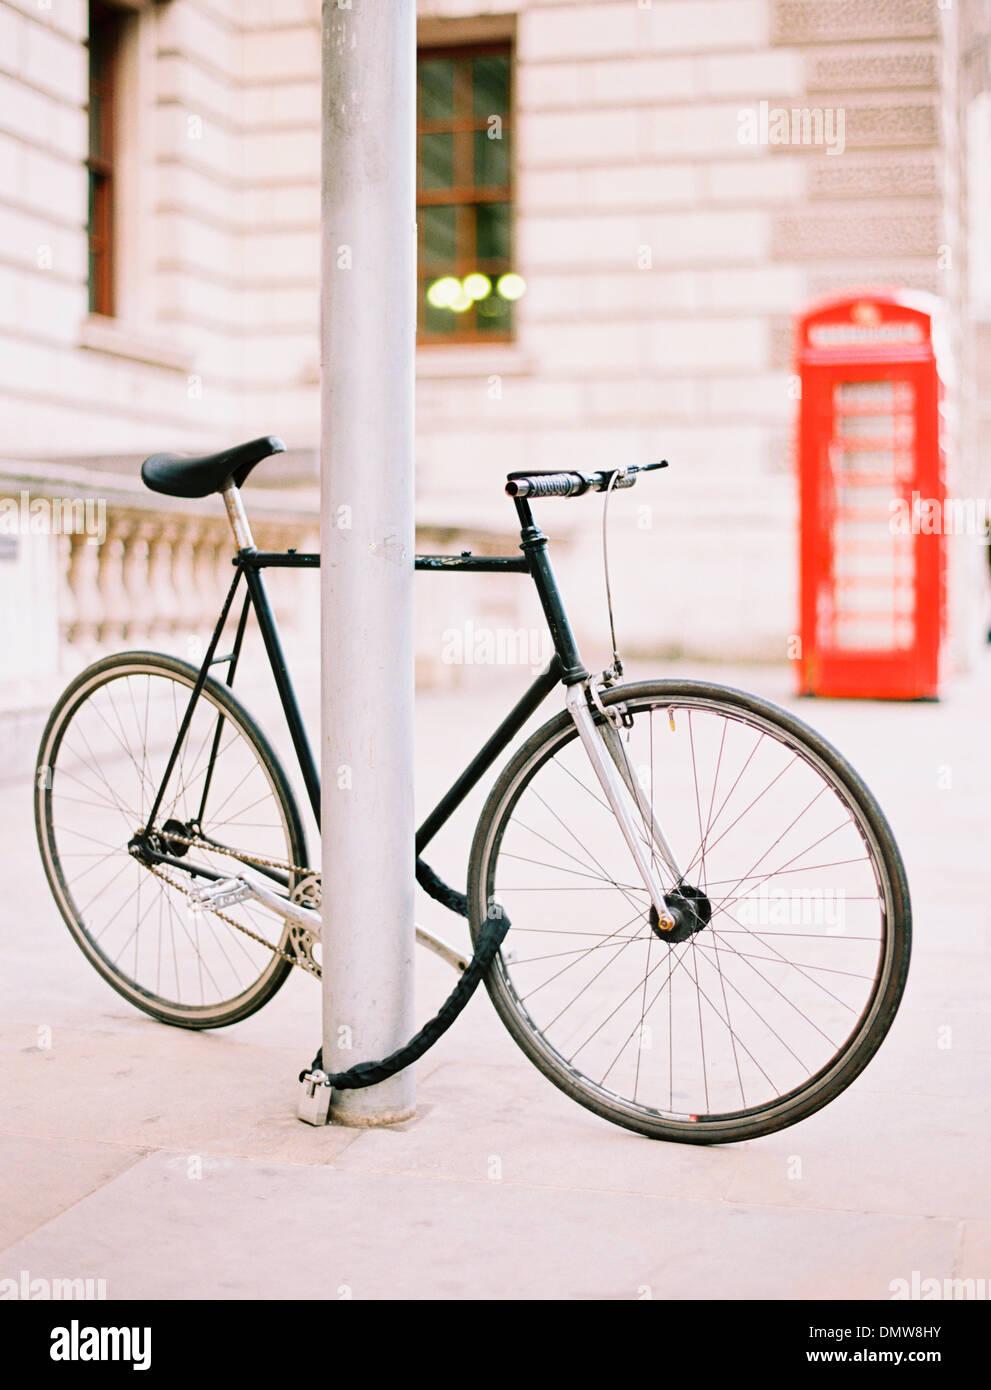 Ein Fahrrad gefesselt und an einen Laternenpfahl auf einer Londoner Straße gesperrt. Eine rote öffentliche Telefonzelle im Hintergrund. Stockbild